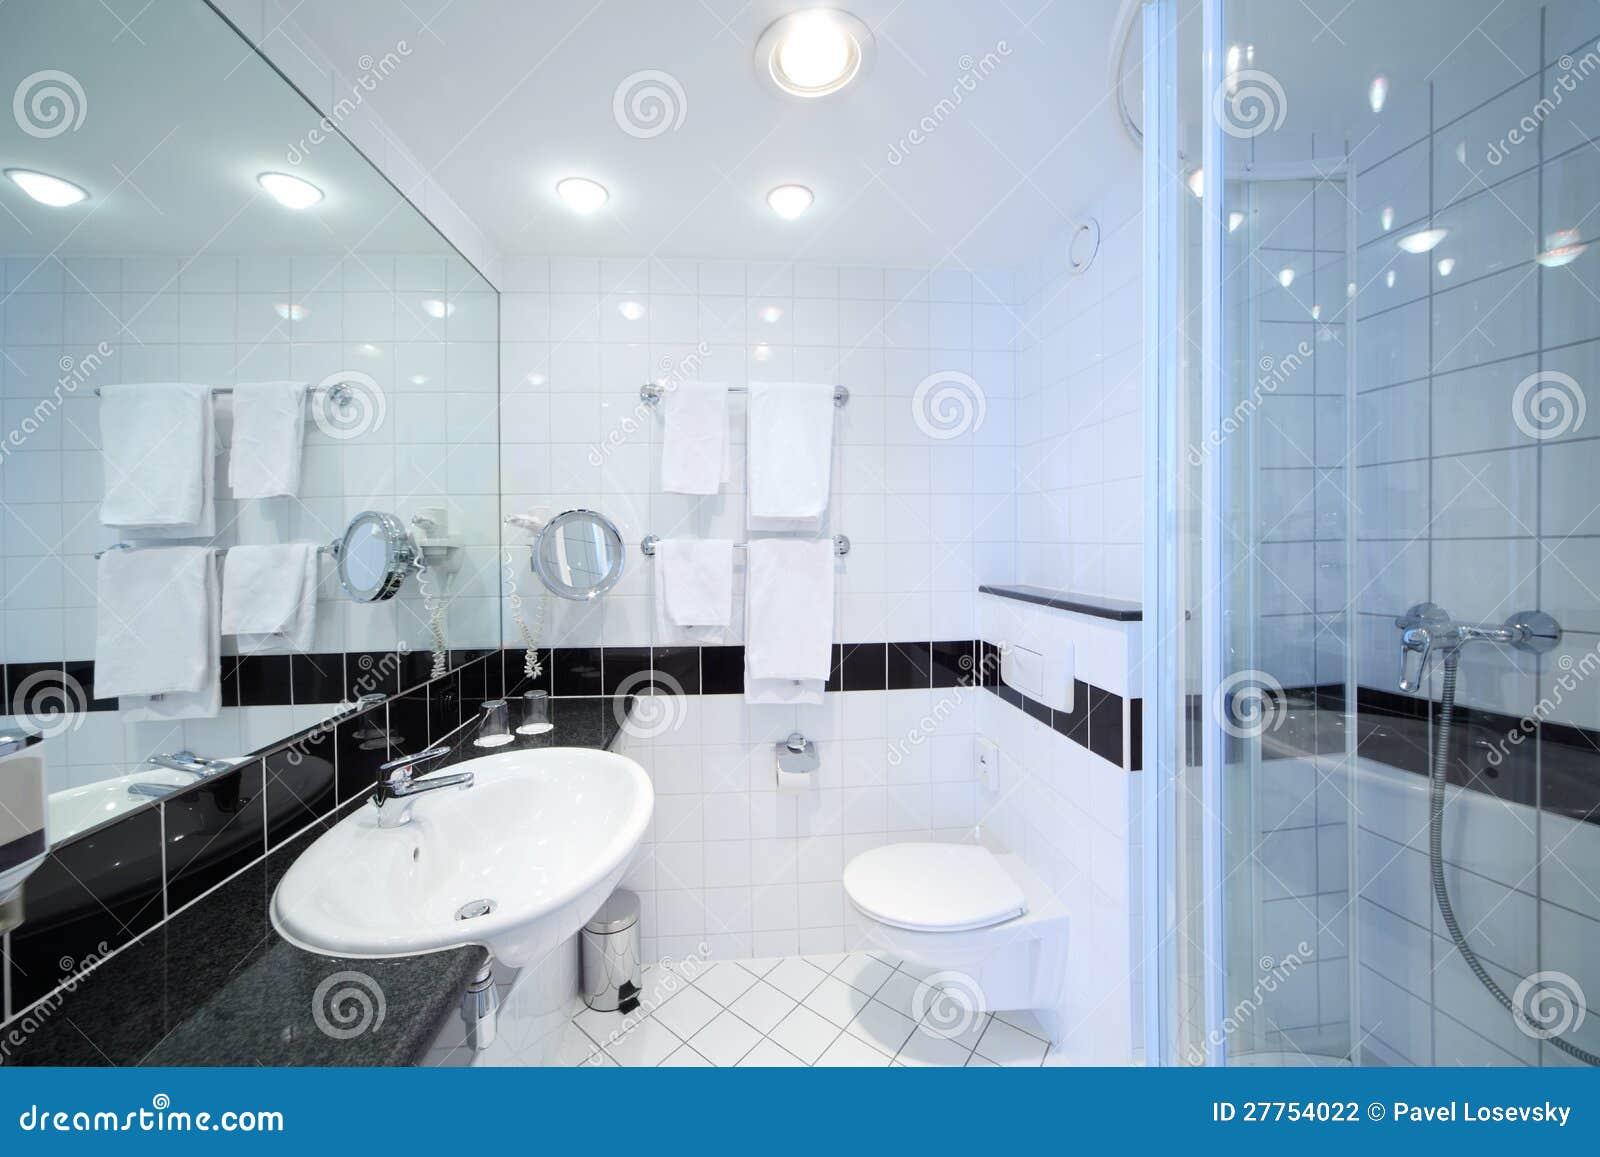 Stanza Da Bagno Moderna Alla Moda Fotografia Stock - Immagine: 27754022